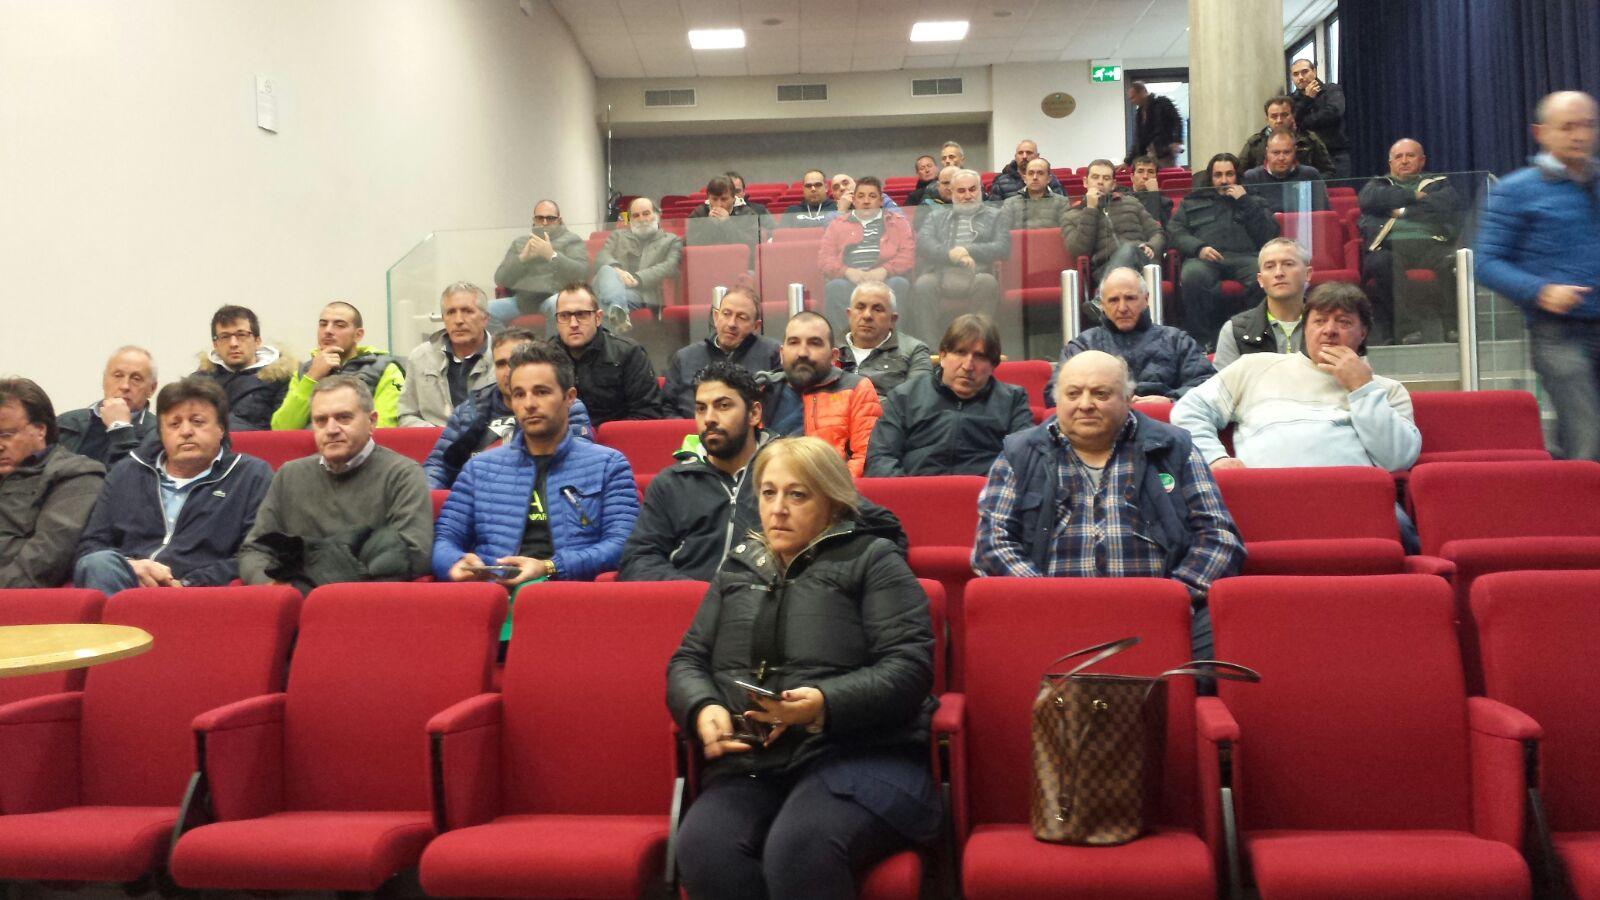 Cementir Sacci, saltano le trattative: 260 lavoratori a rischio, parte lo sciopero